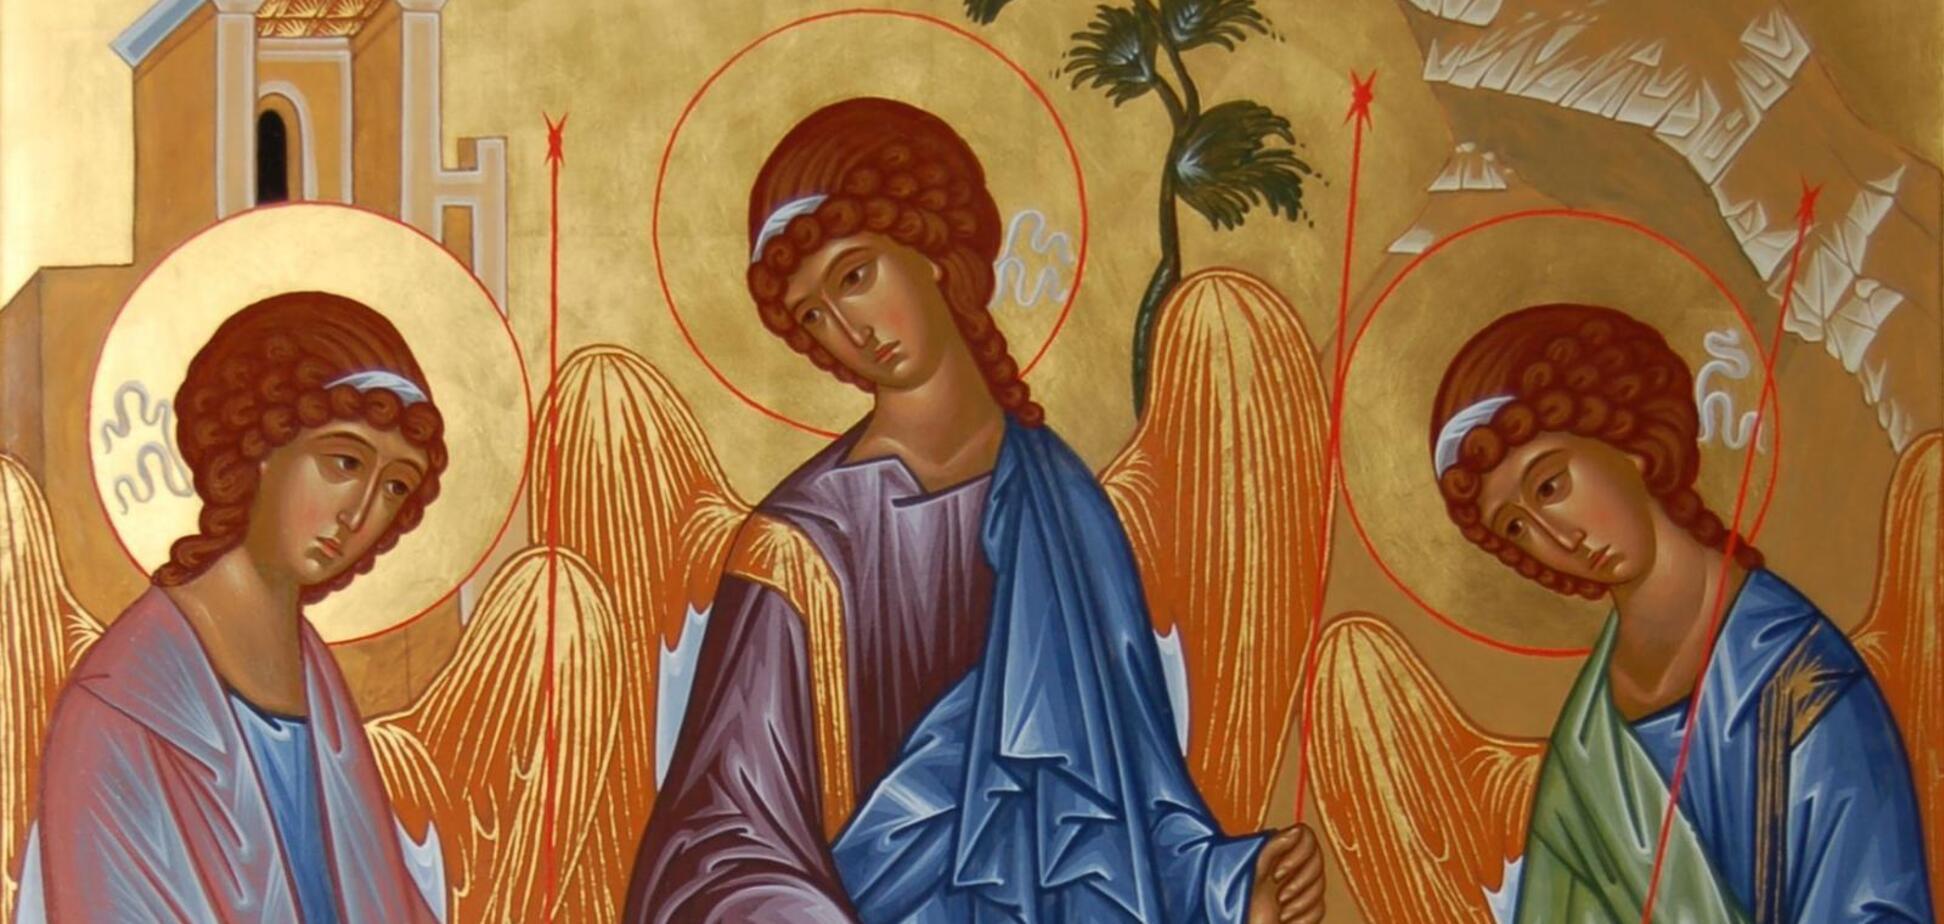 Святая Троица является символом единства Святого Духа, Бога Отца и Бога сына